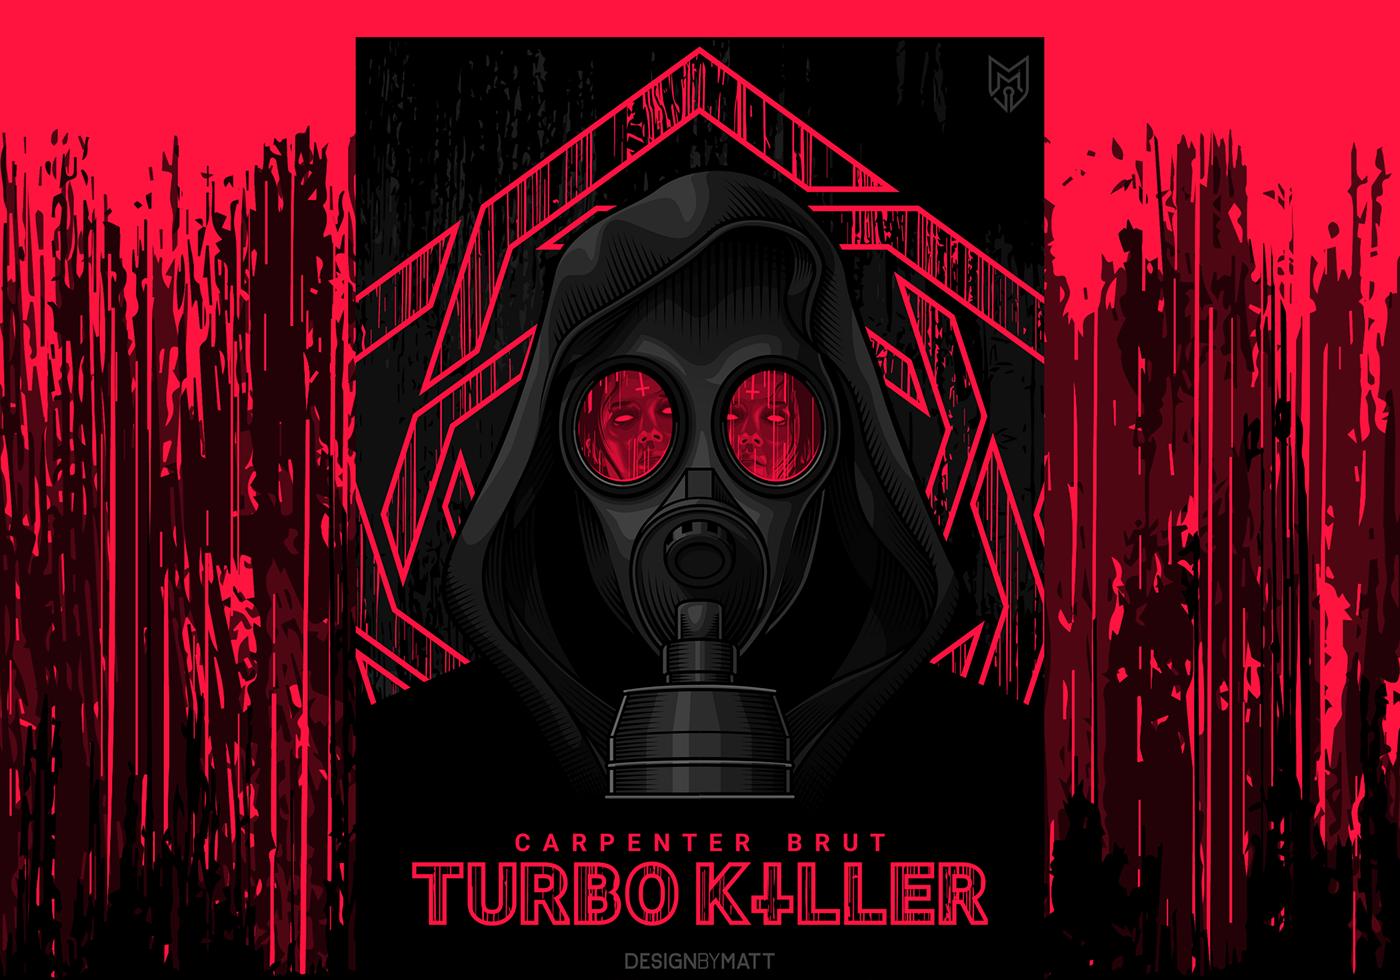 Turbo Killer